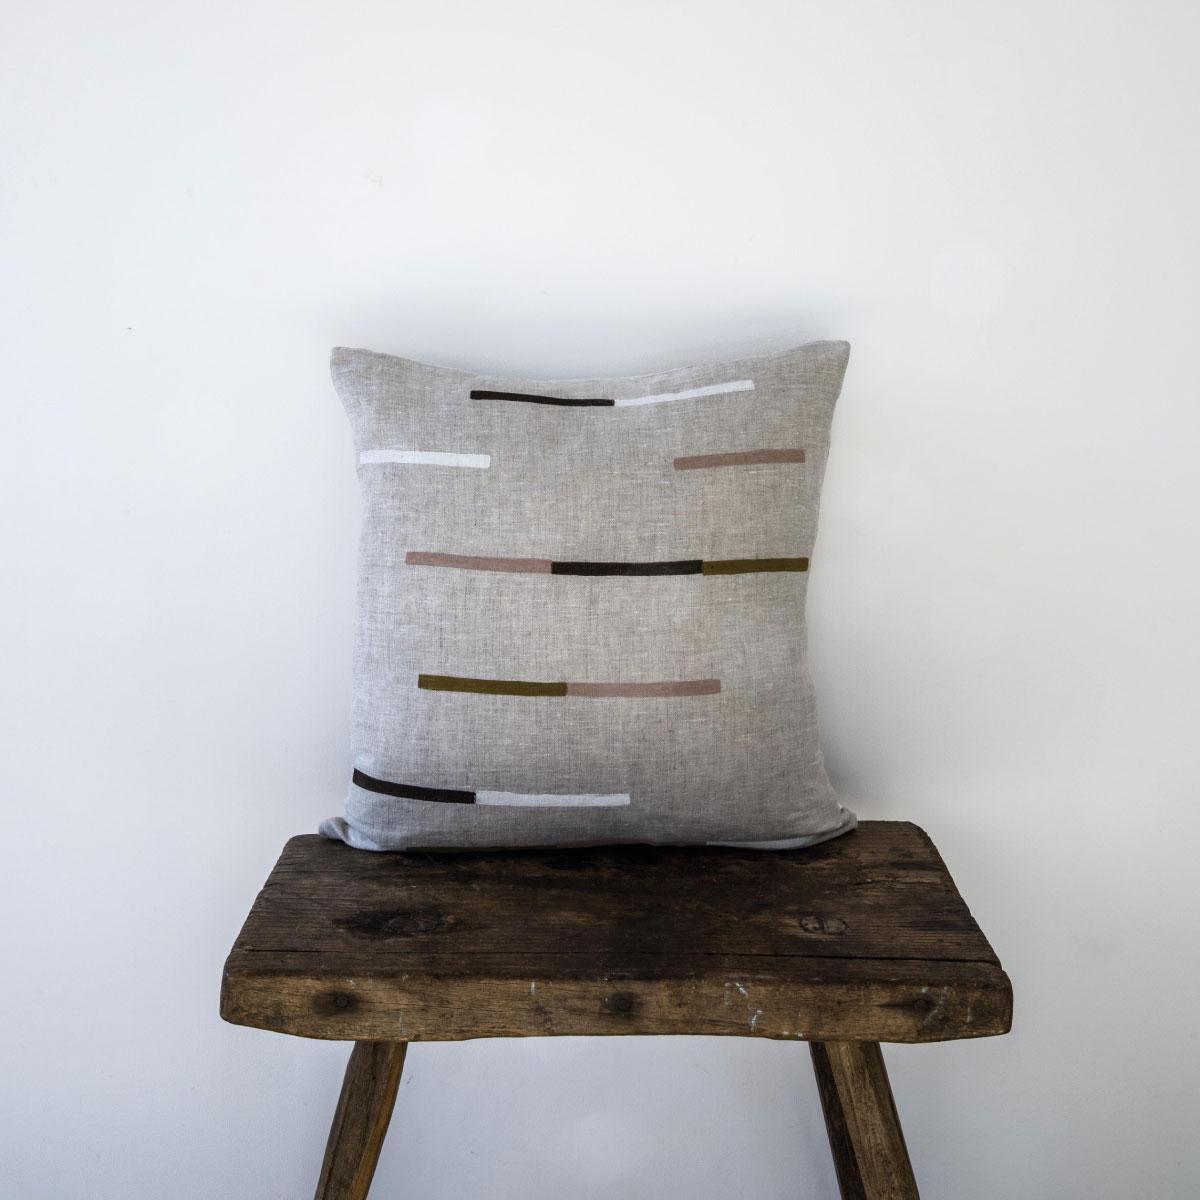 Ren-London-Marfa-Cushion